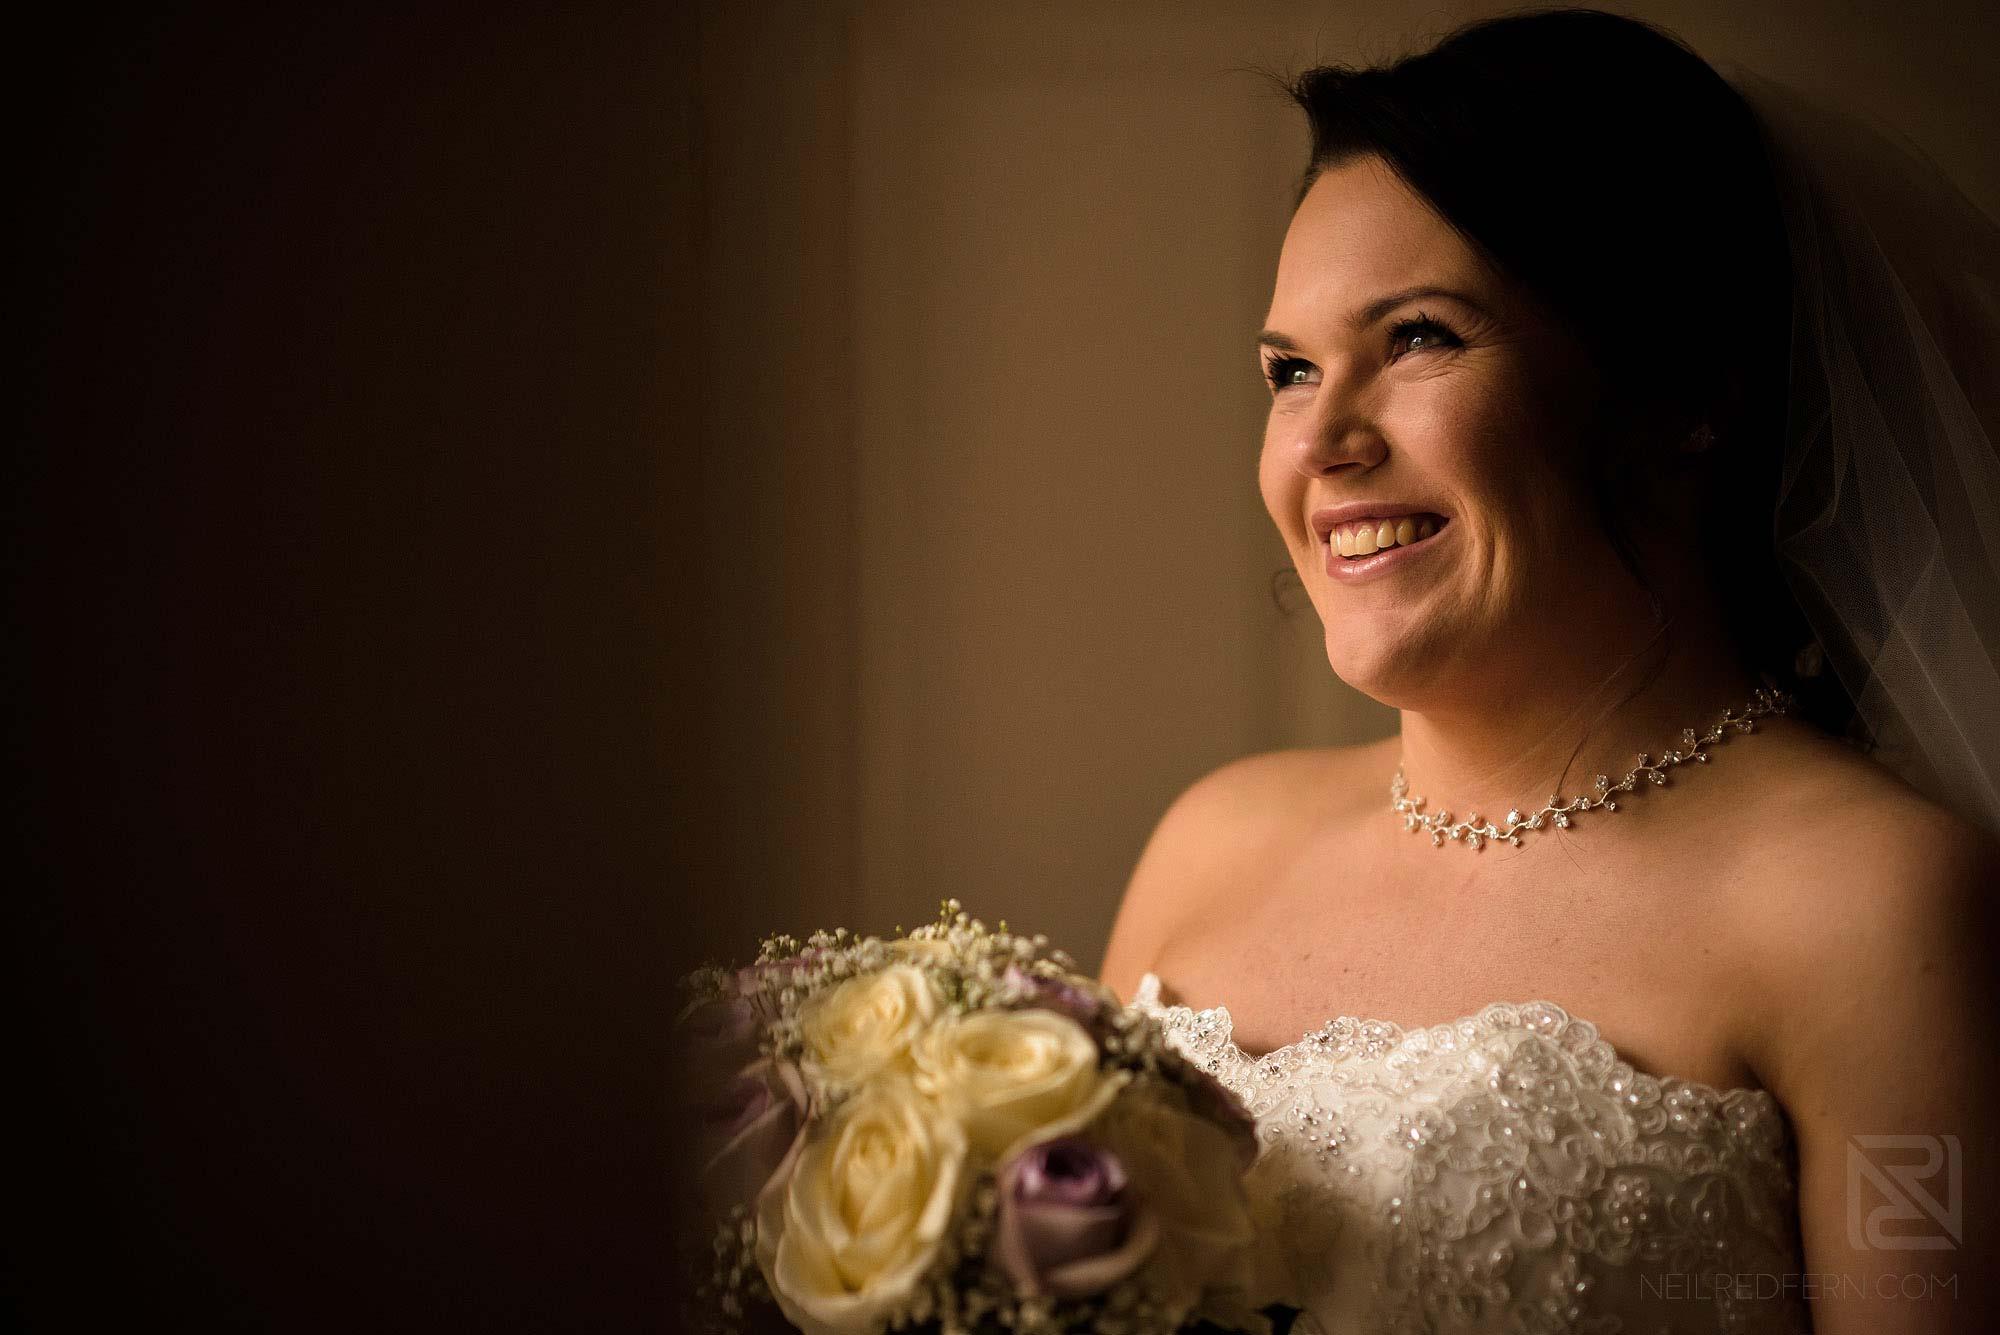 beautiful portrait of happy bride holding bouquet